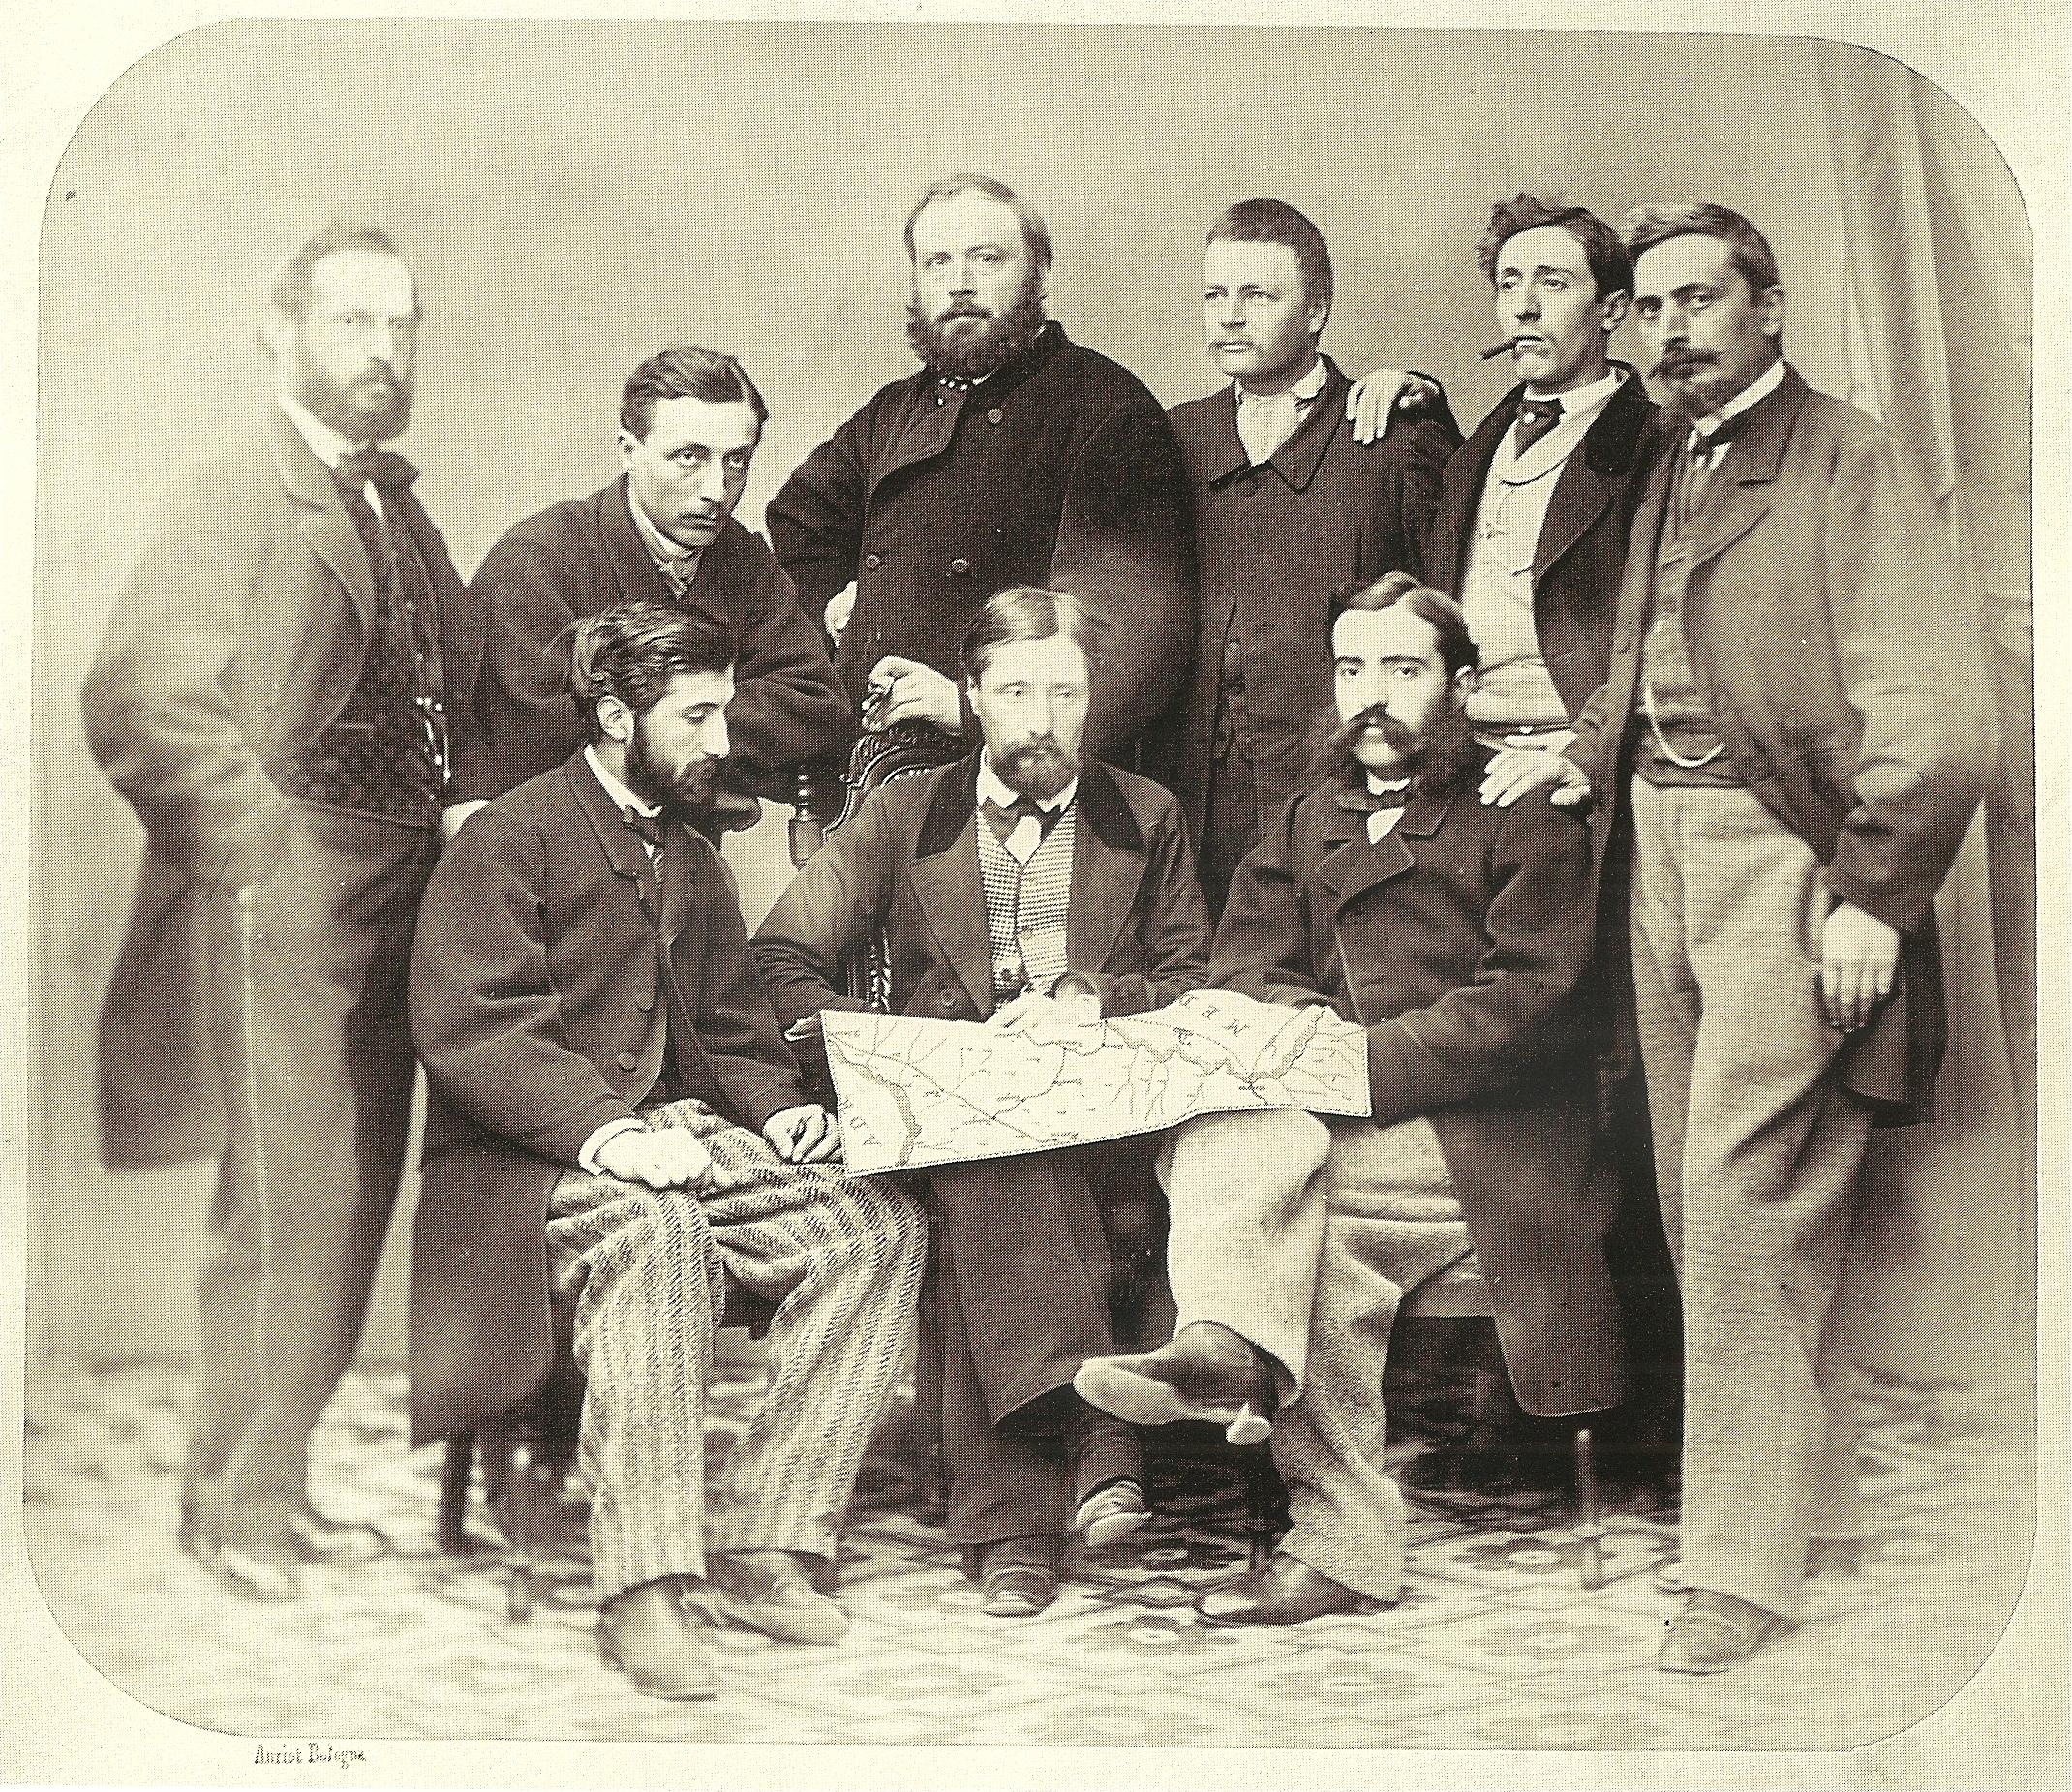 """Foto di gruppo dei progettisti, al centro l'ing. capo Jean Louis Protche con una mappa della strada ferrata (da """"Vedute fotografiche della costruzione della ferrovia Porrettana (1859-1864)"""", autore della foto Emilio Anriot)"""